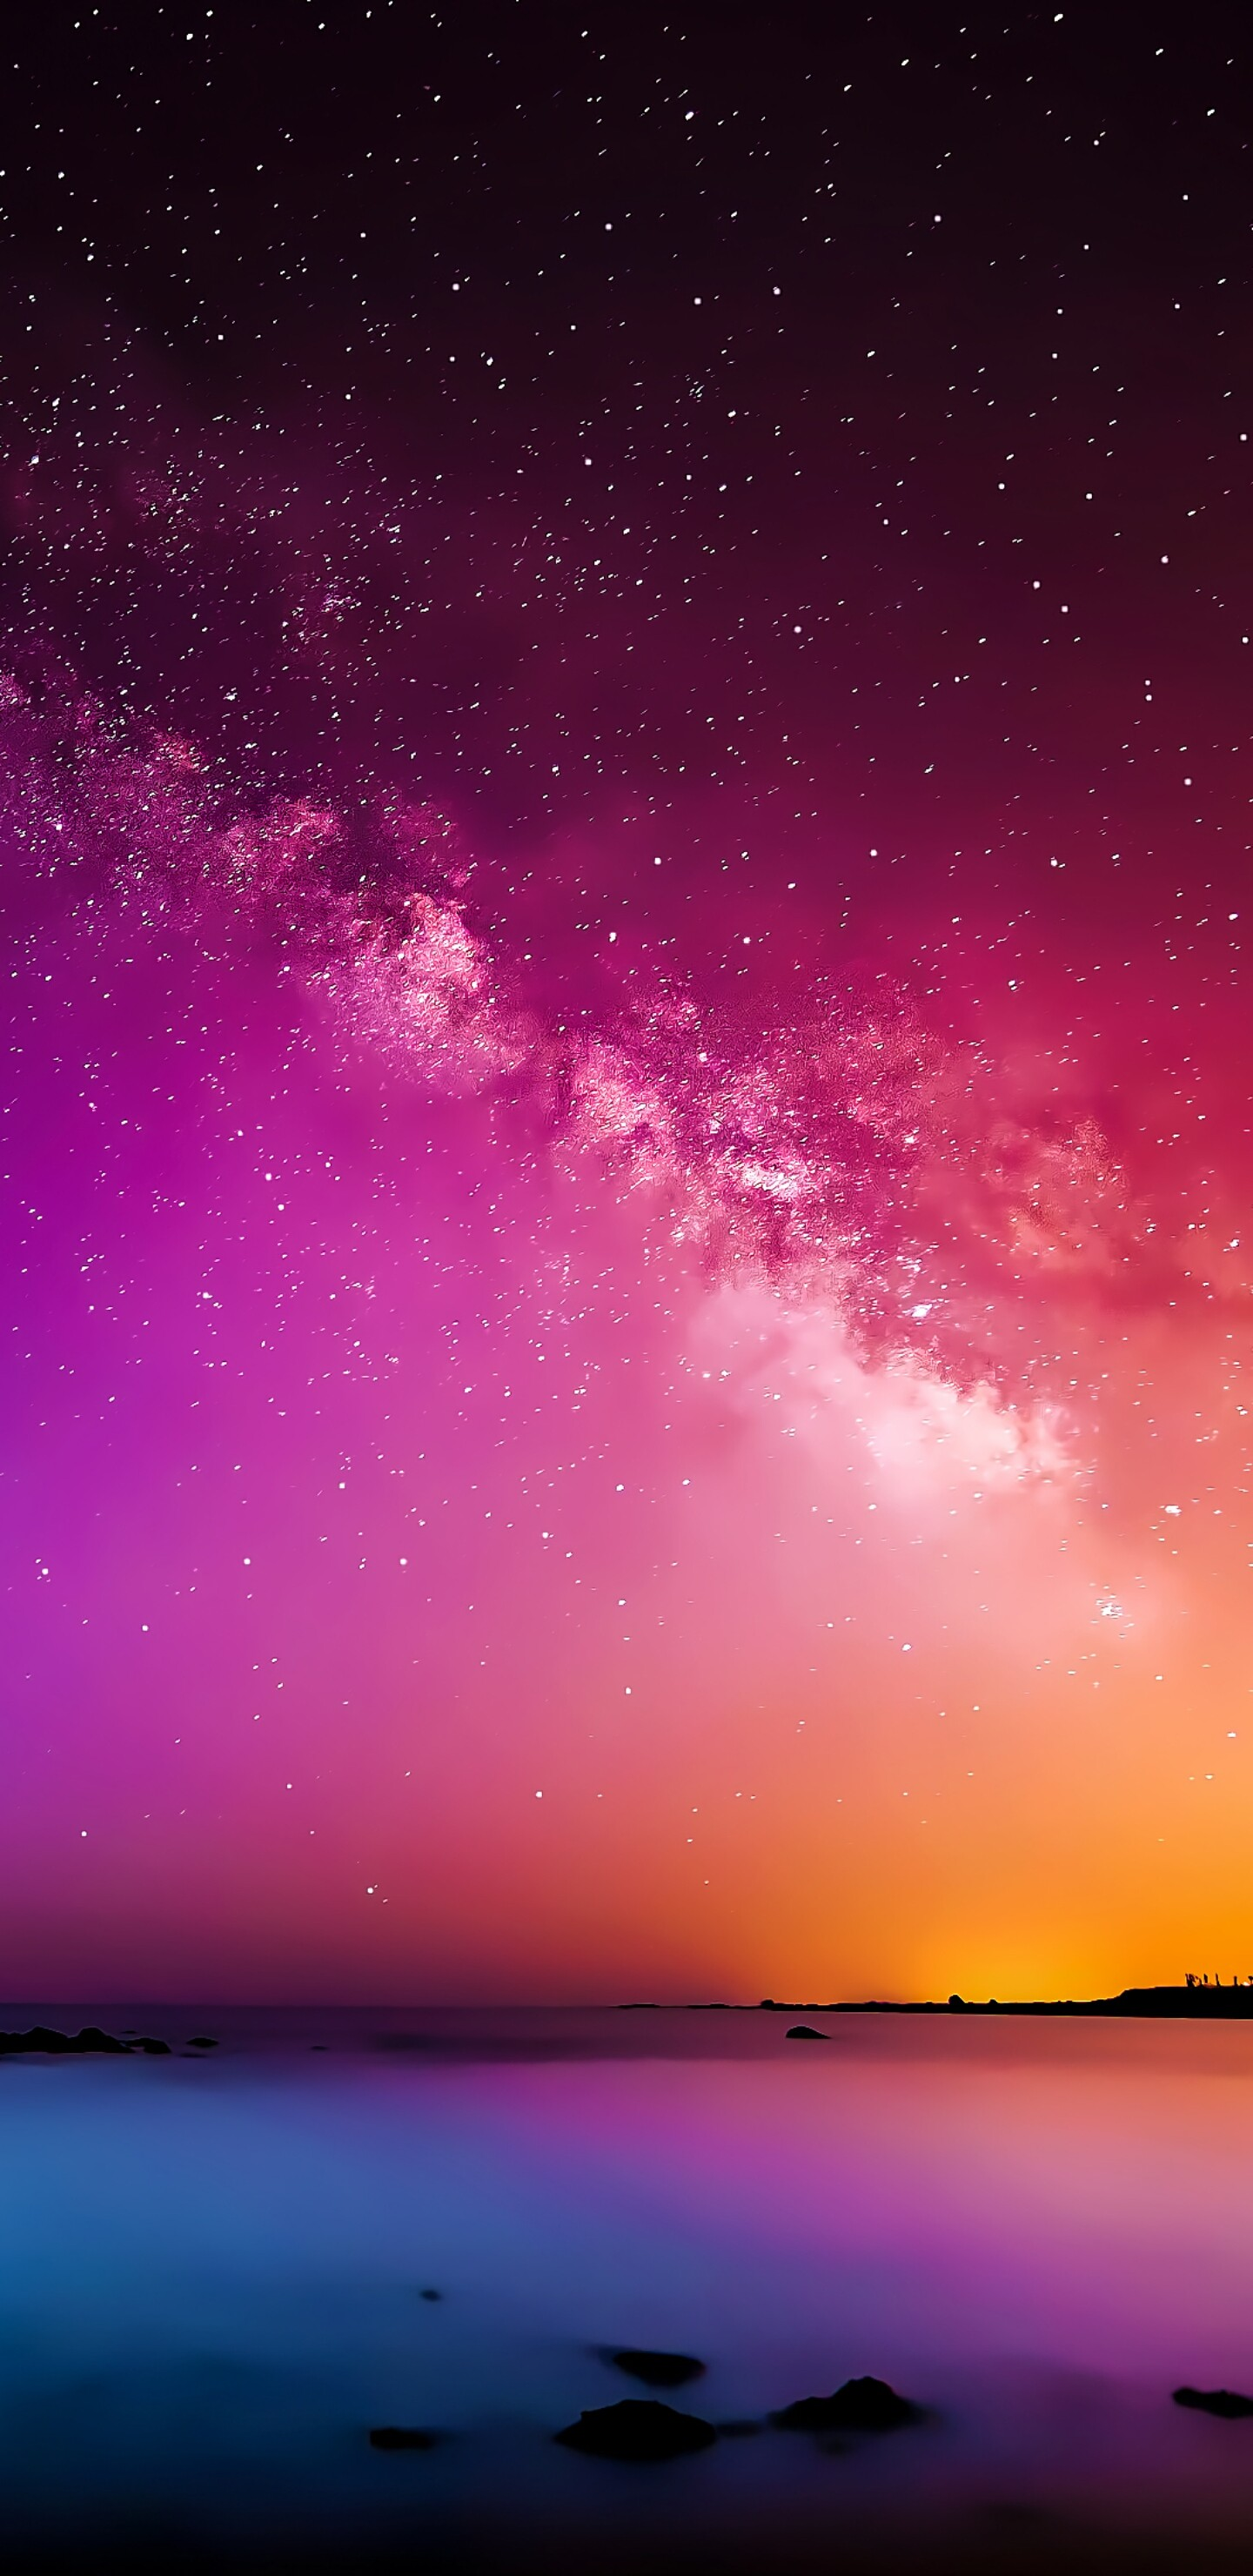 Download 5600 Koleksi Wallpaper Hd Galaxy Paling Keren